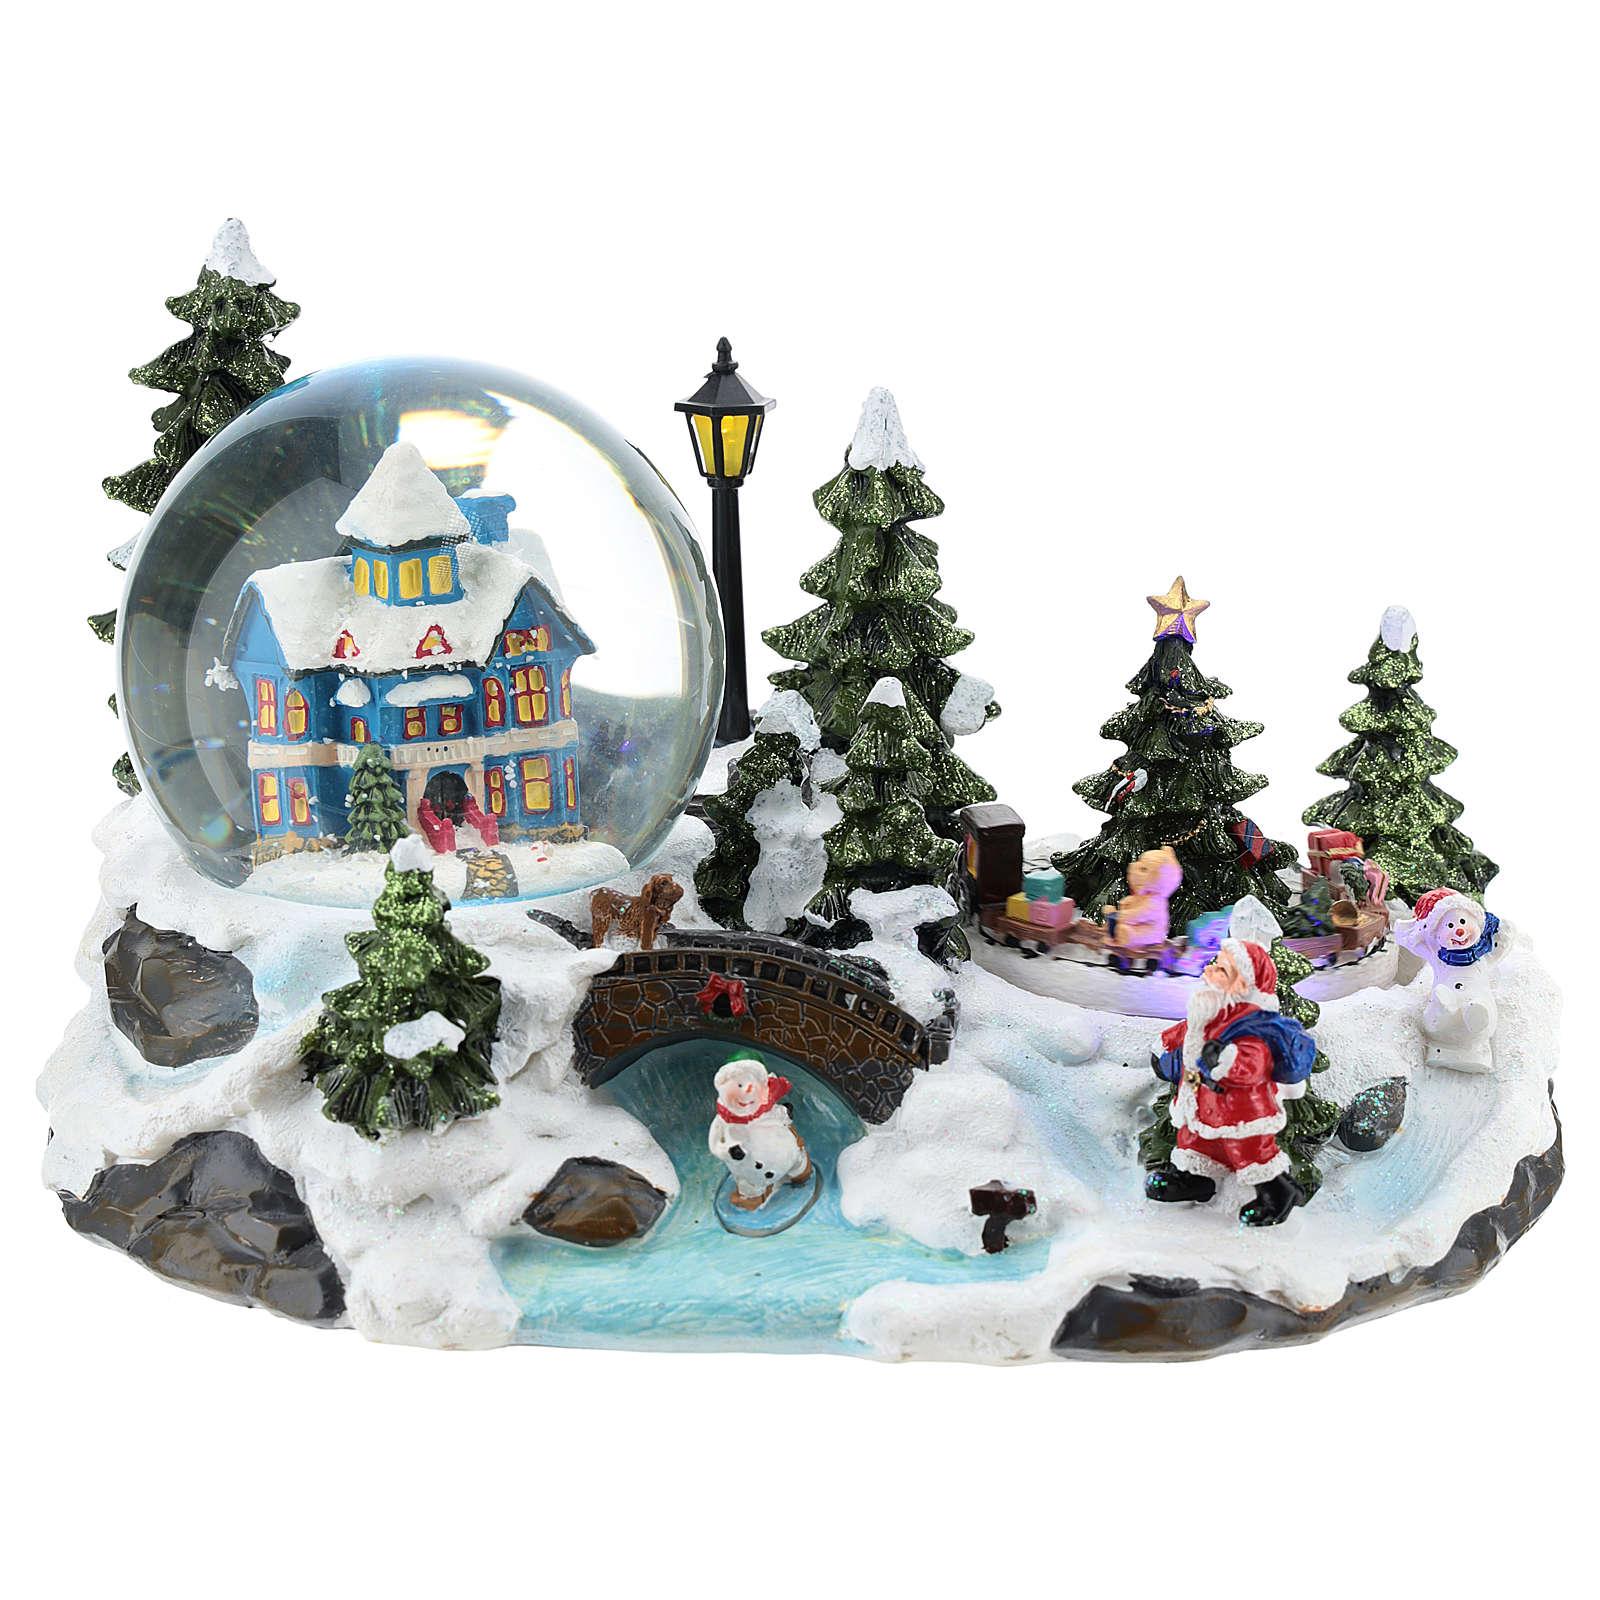 Décor de Noël avec boule en verre et train 15x25x15 cm 3